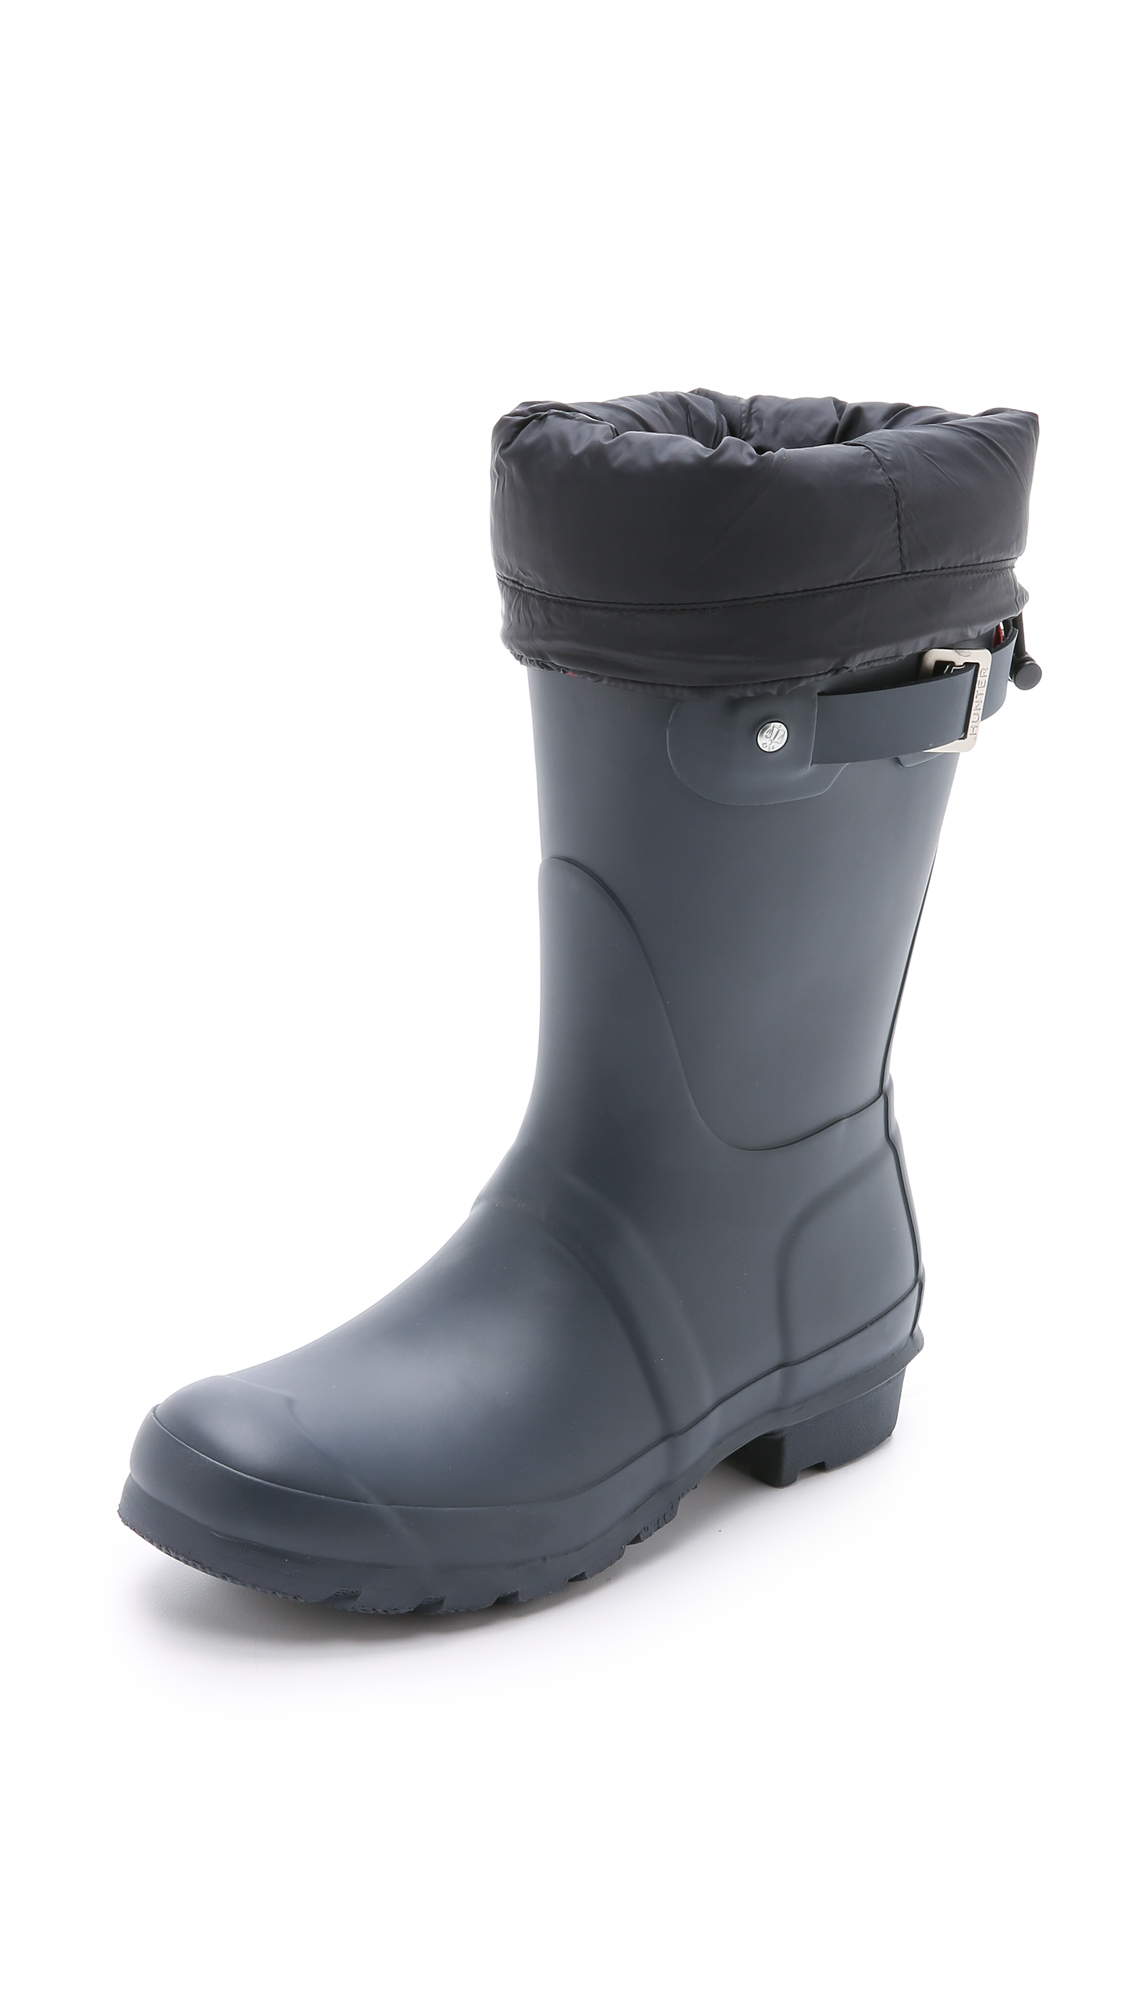 Hunter Women's Chelsea Down Insulated Boot Socks PgrWksupD